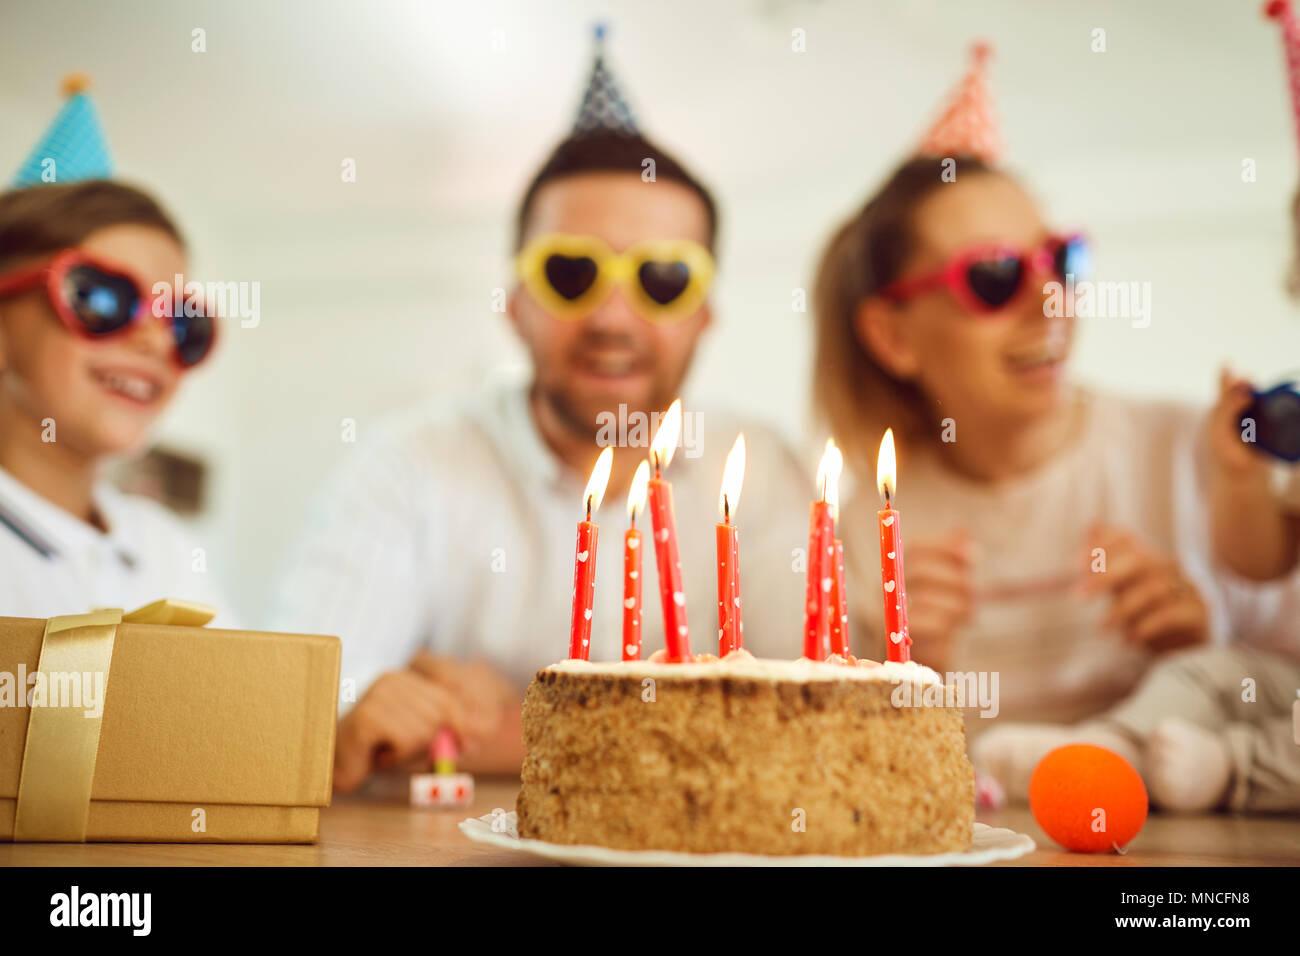 Pastel de cumpleaños con velas de cumpleaños. Imagen De Stock